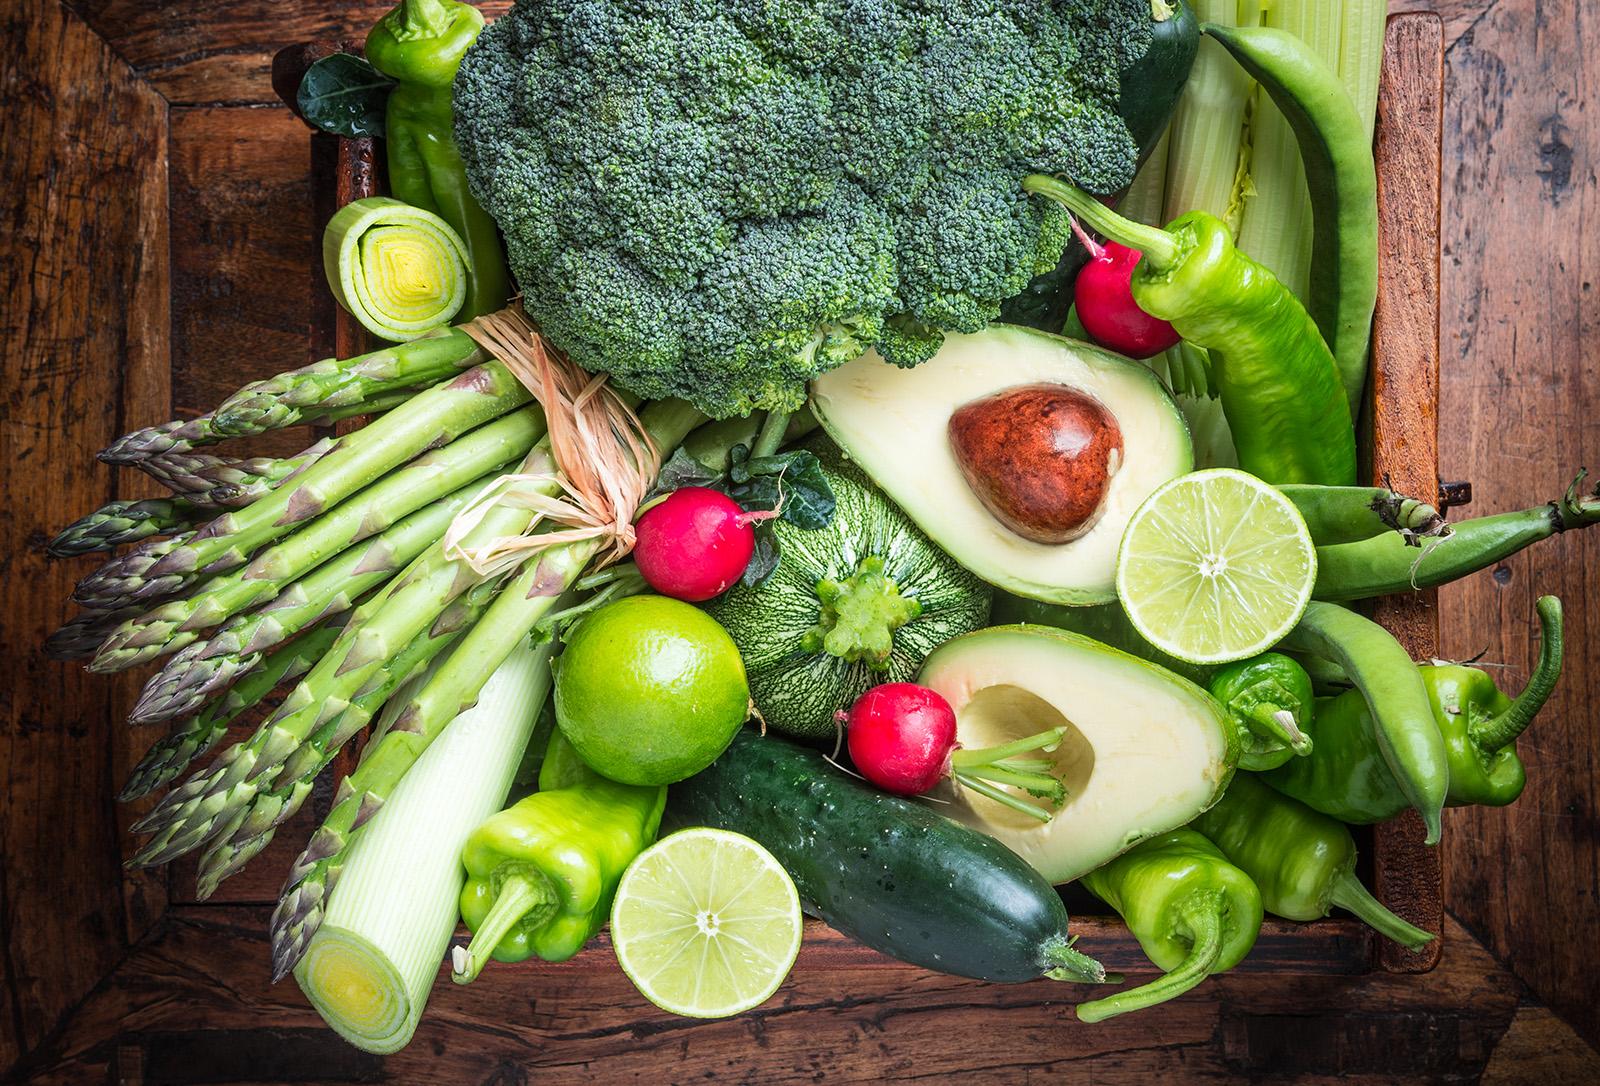 Wissenschaftlich bestätigt: Die vegane Ernährung ist gesund